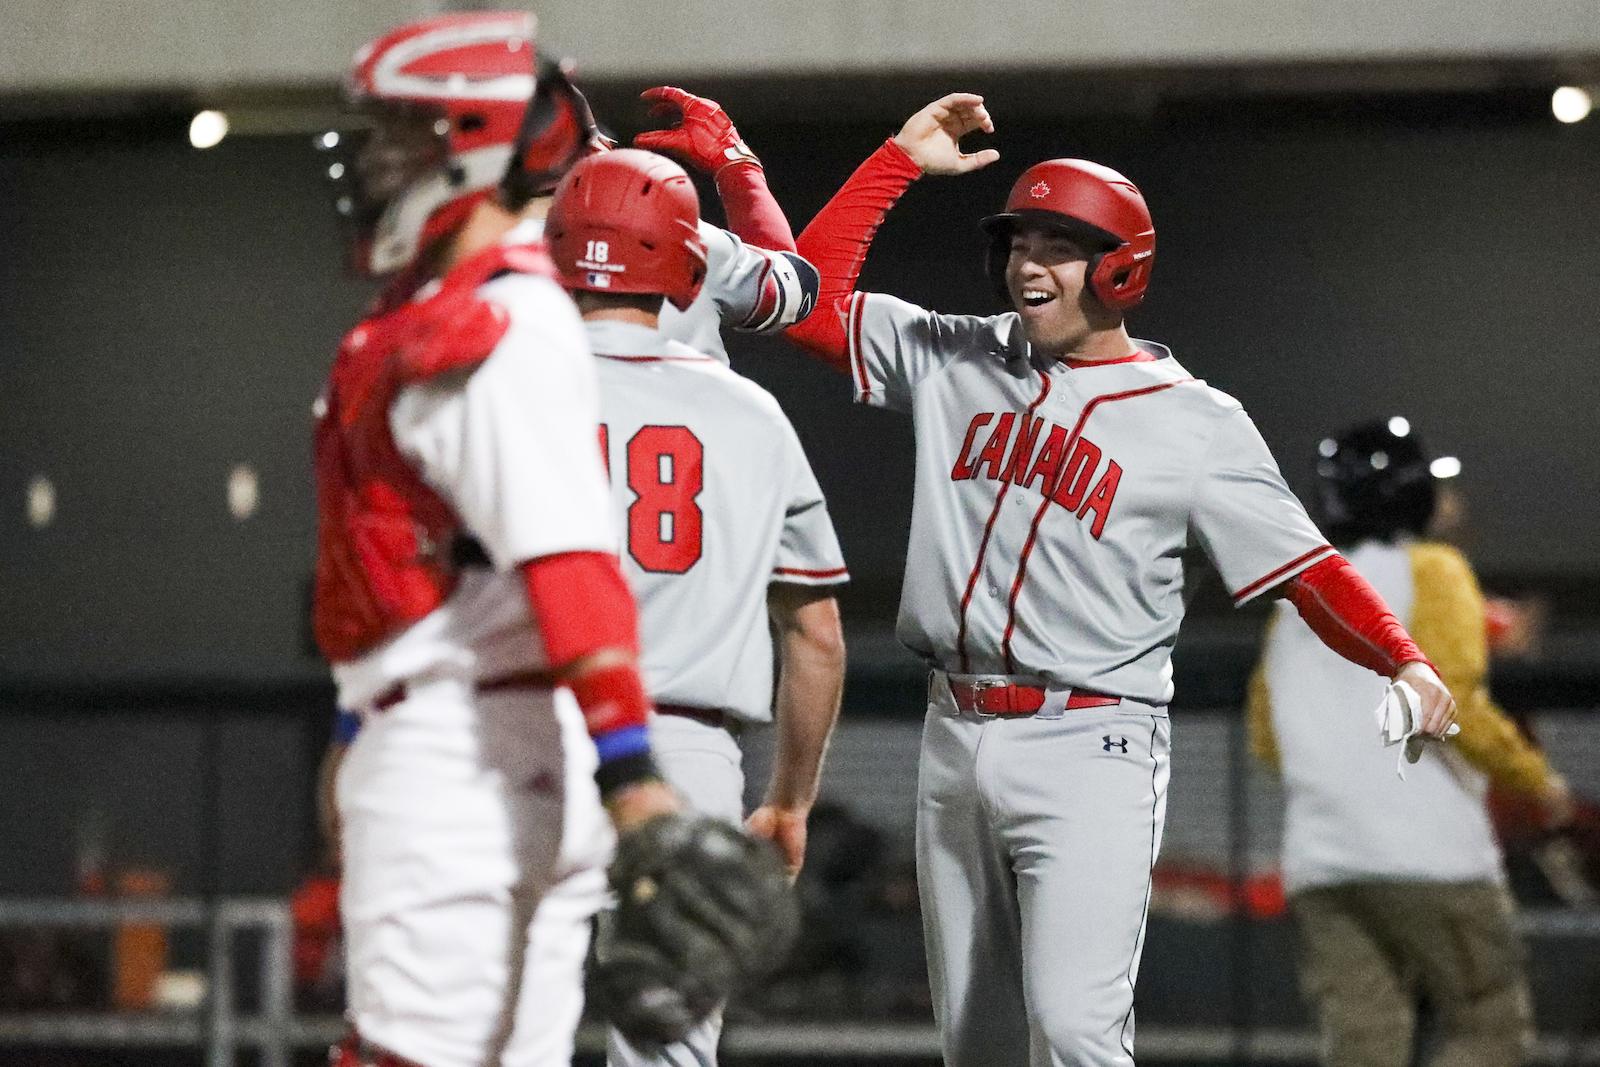 Lima 2019: Panas produit cinq points et le Canada bat Cuba